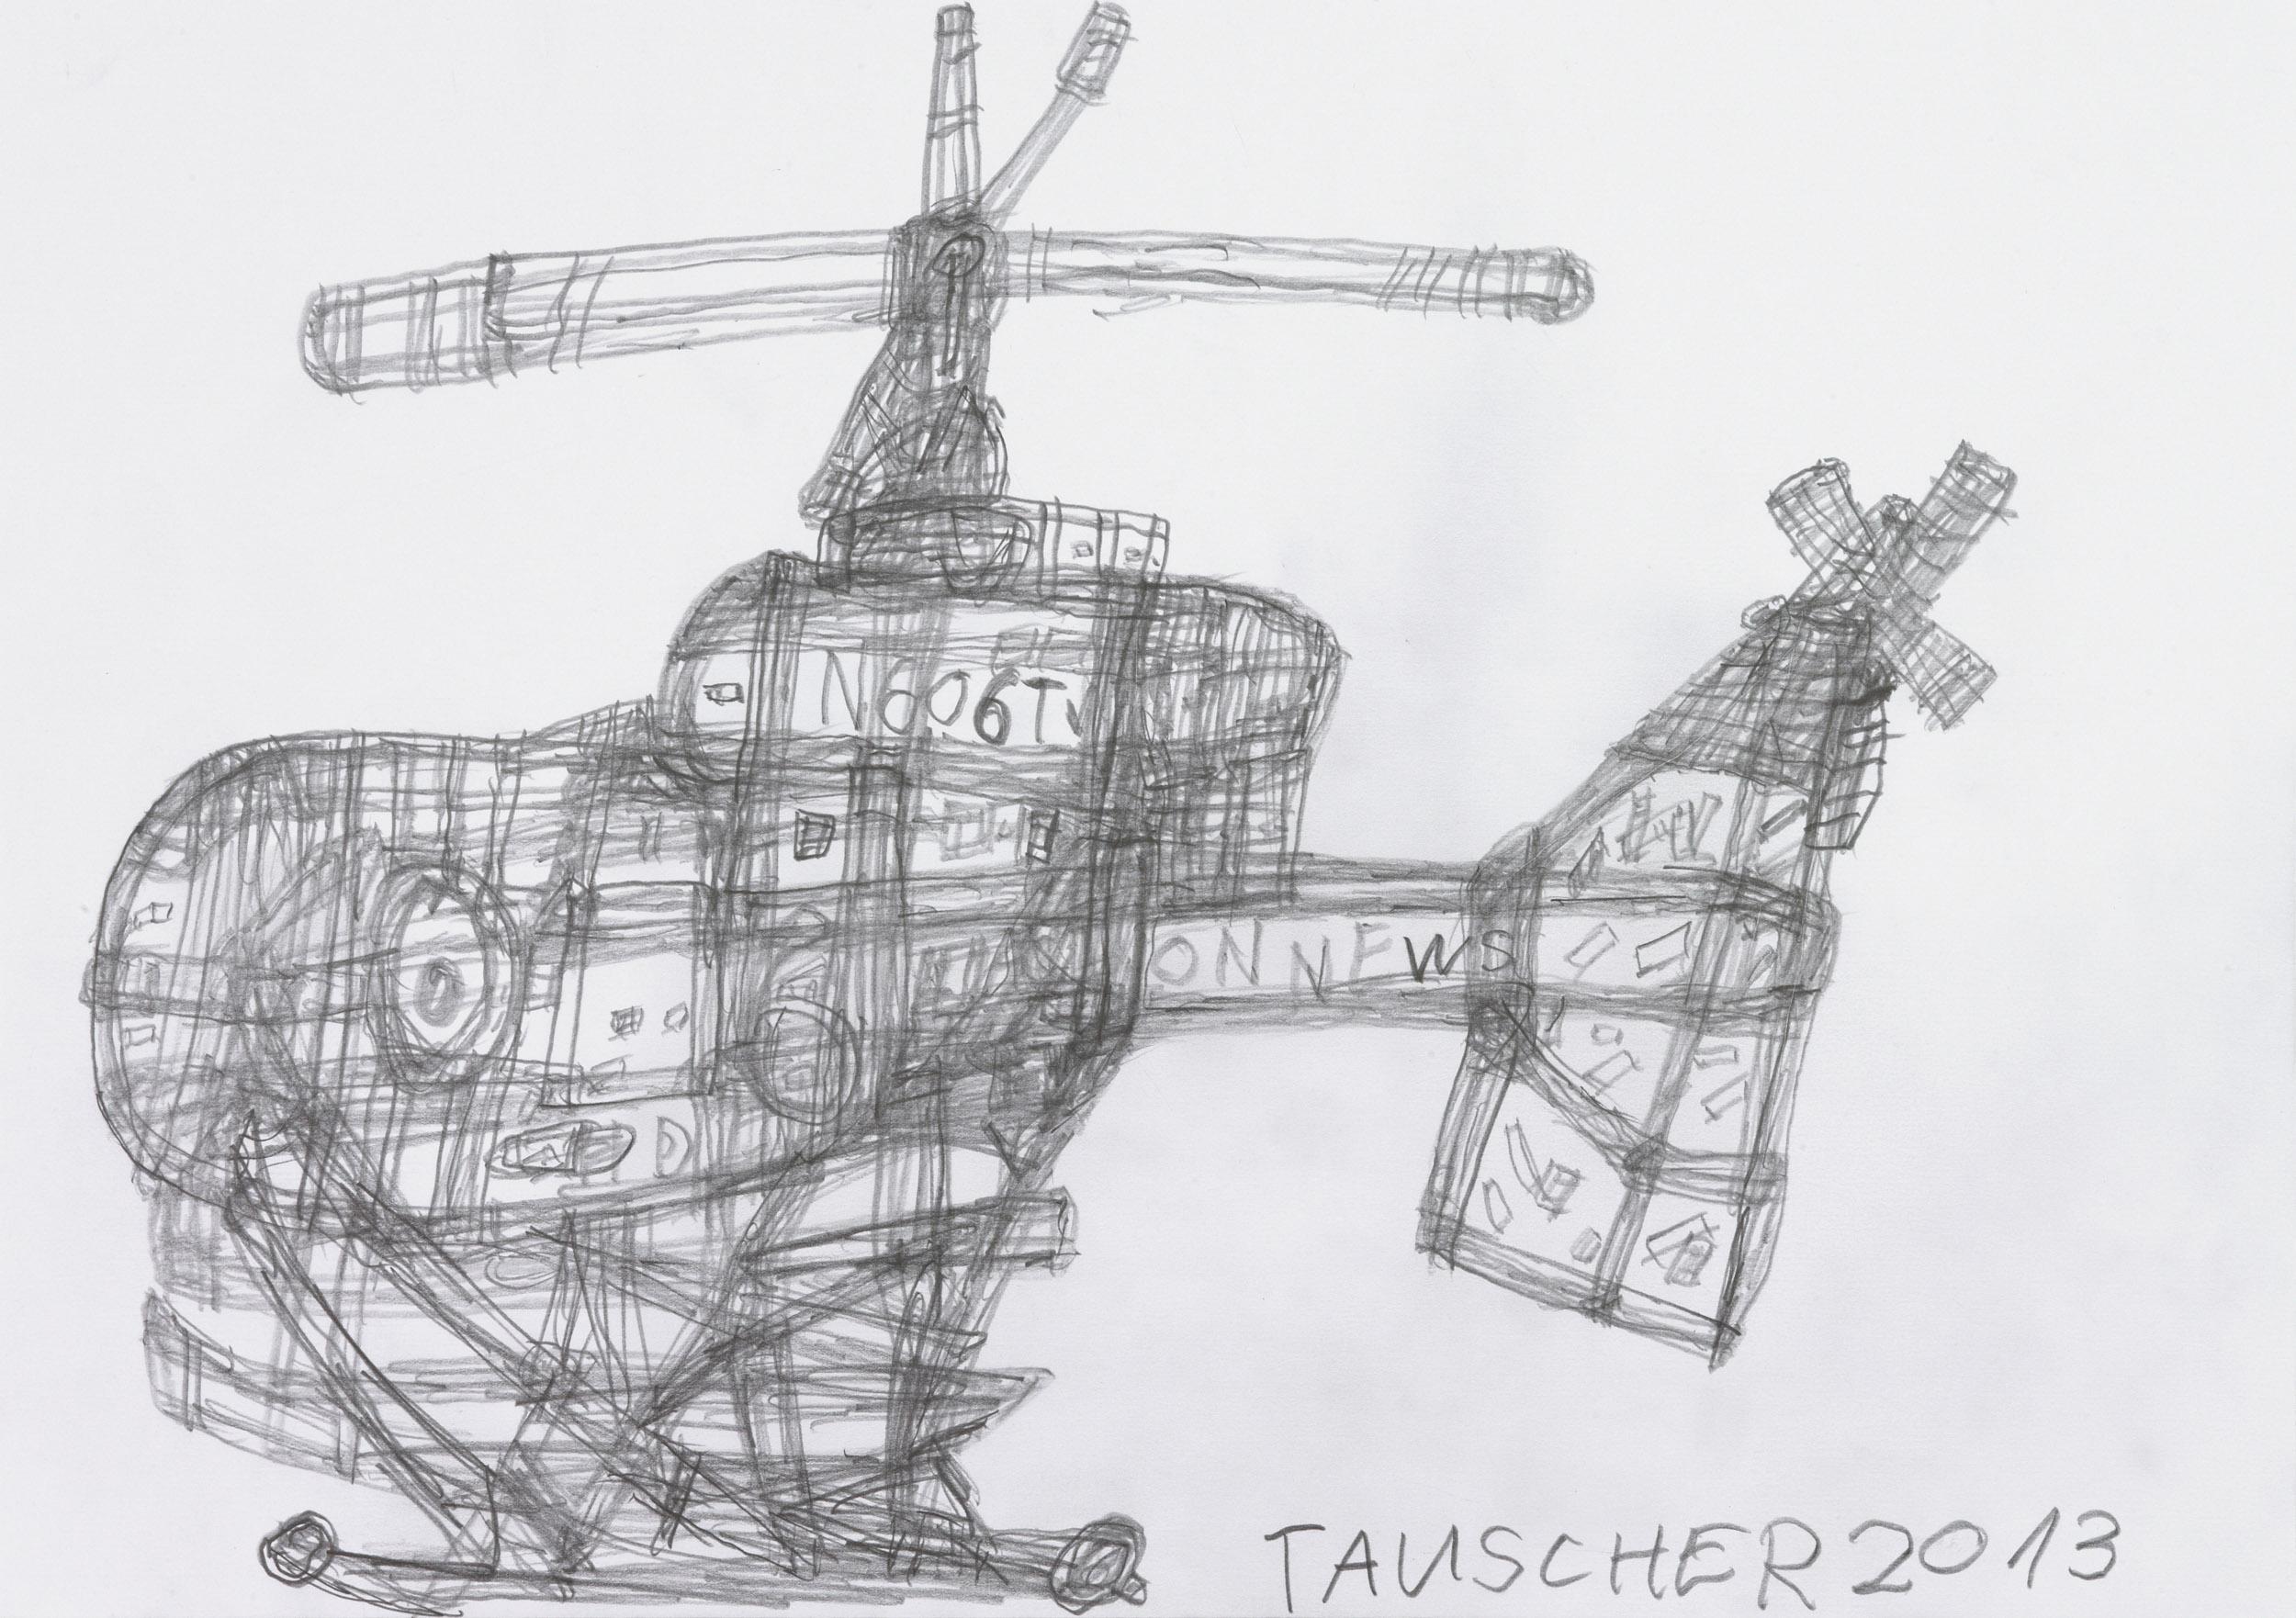 tauscher jürgen - Flugzeug / aeroplane